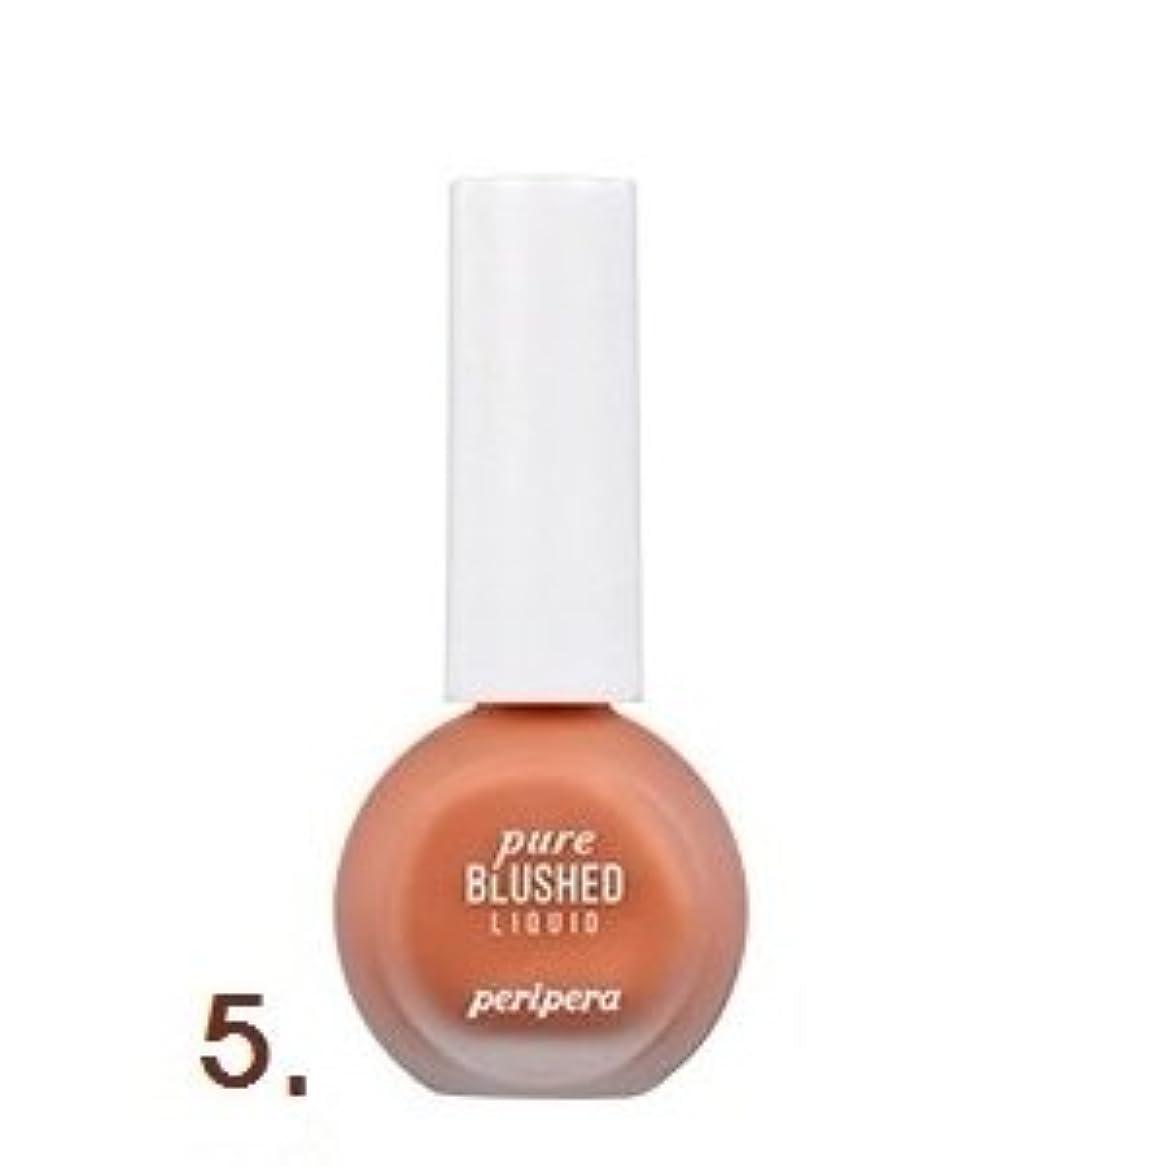 ツール落ち着いて清めるPeripera Pure Blushed Liquid Cheek #5 Chic cinnamon/ペリペラ ピュア ブラッシュ リキッド チーク [並行輸入品]